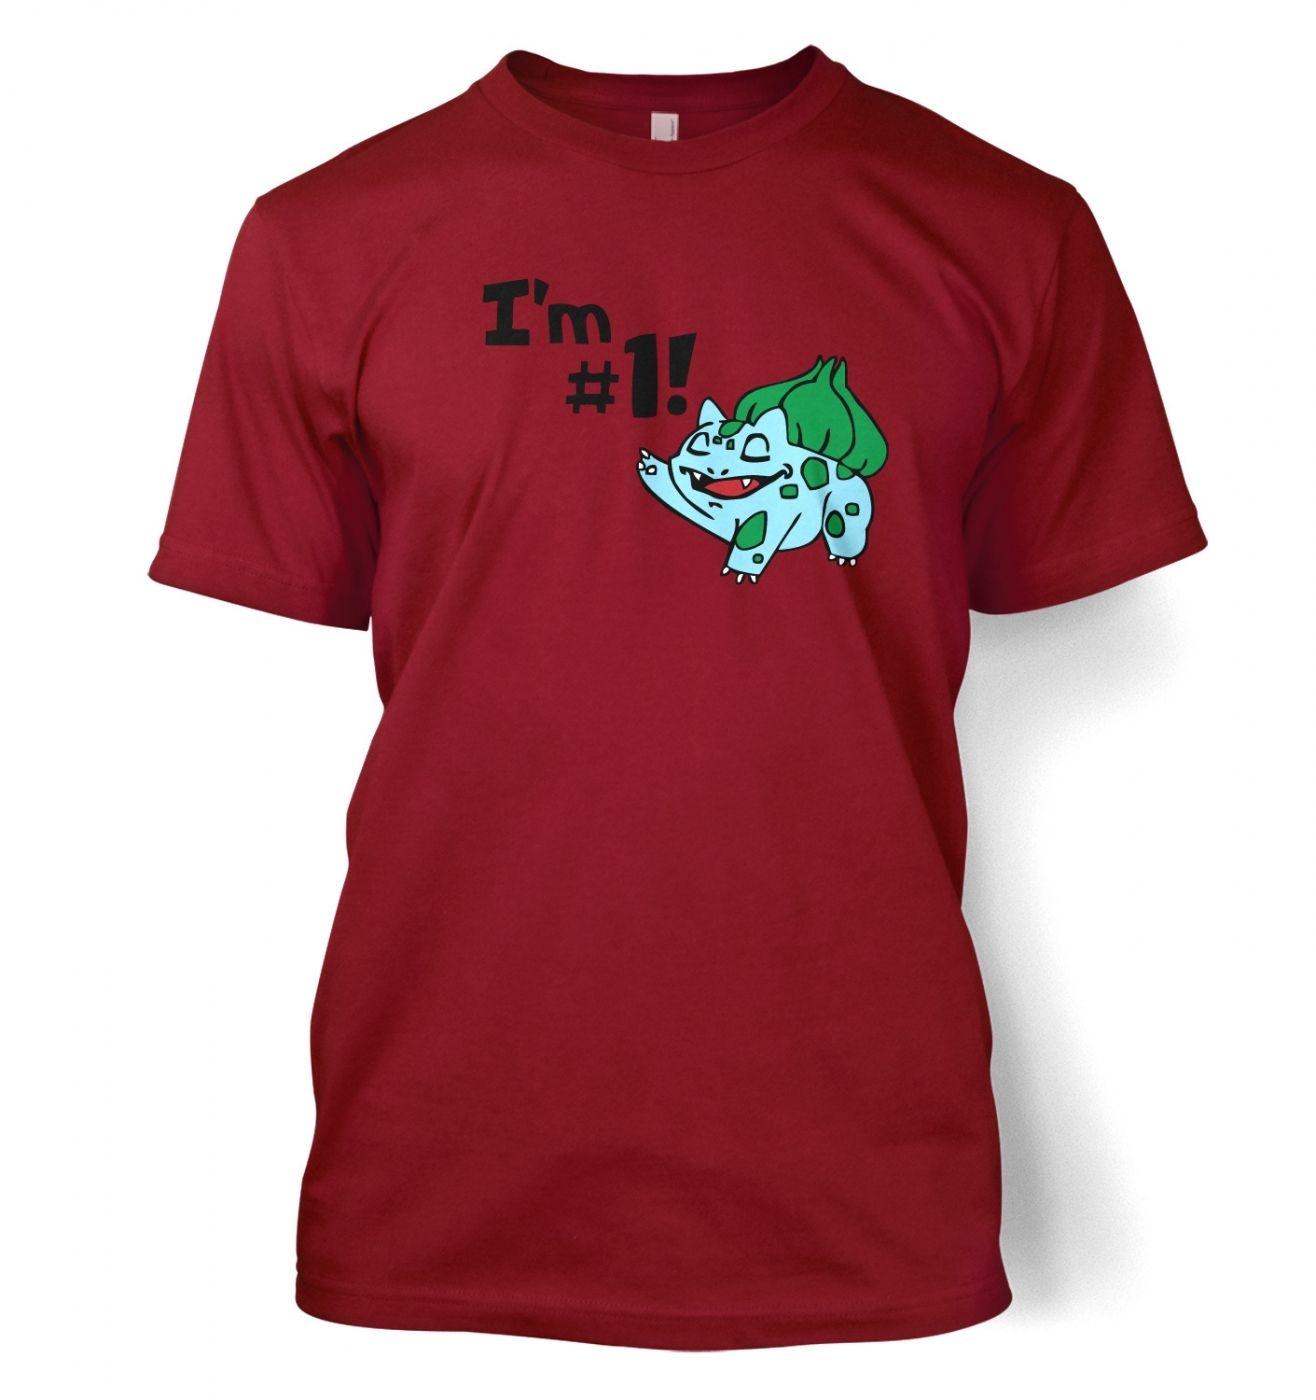 I'm #1! men's t-shirt